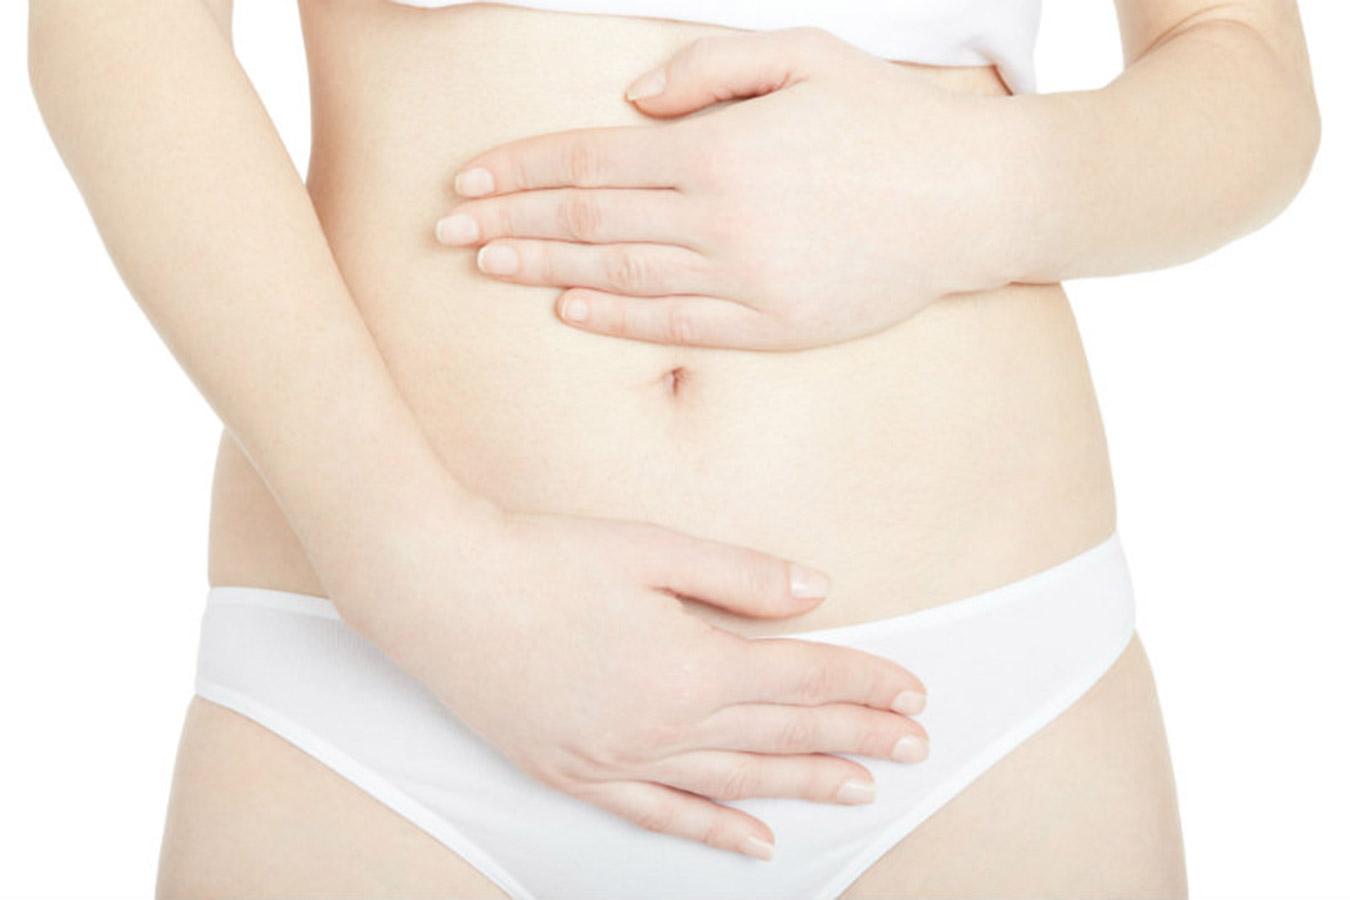 Suchość pochwy w ciąży, po porodzie i przy karmieniu piersią. Temat tabu czy dolegliwość typowa dla mam?